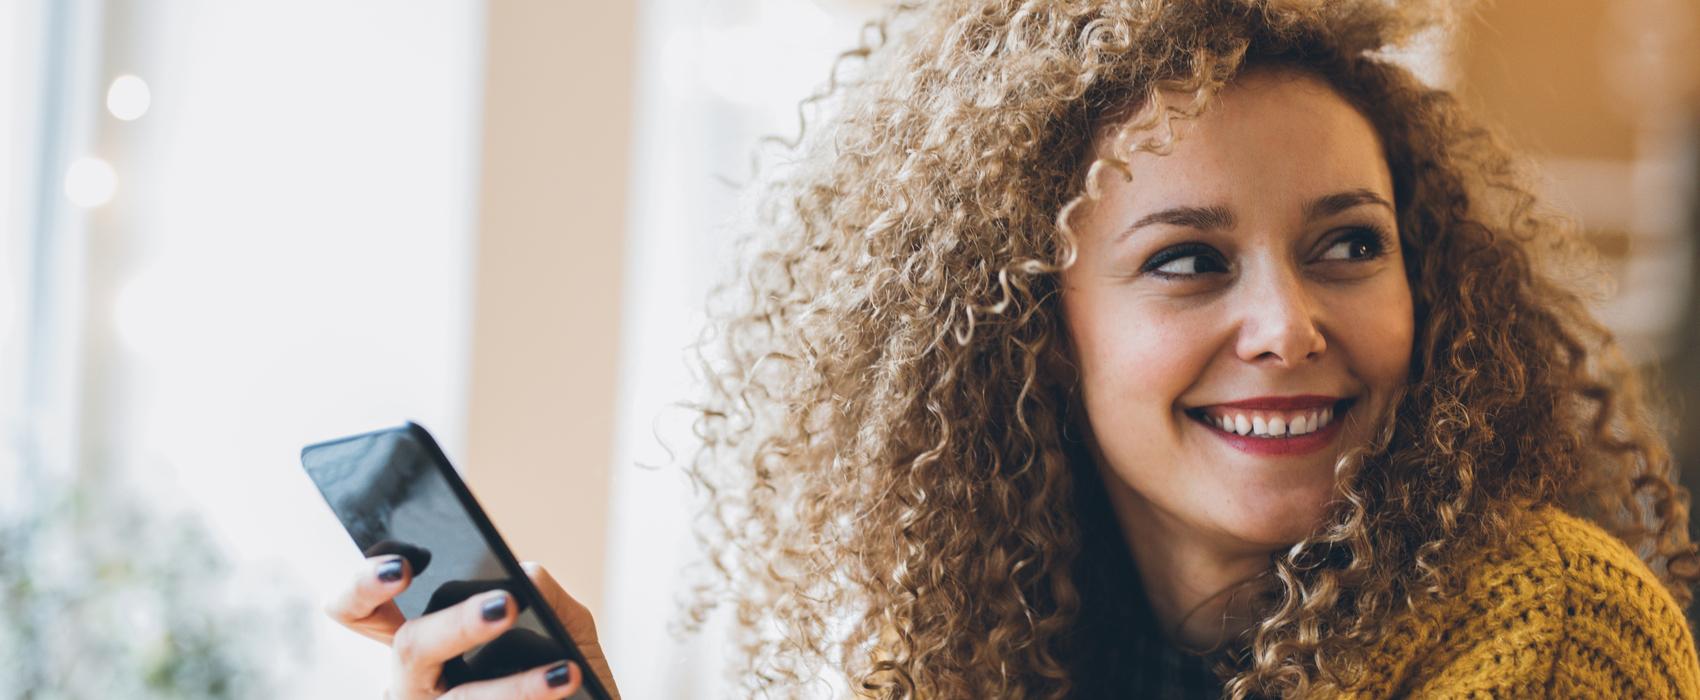 Junge Frau mit lockigen Haaren und gelbem Pullover blickt über die Schulter.